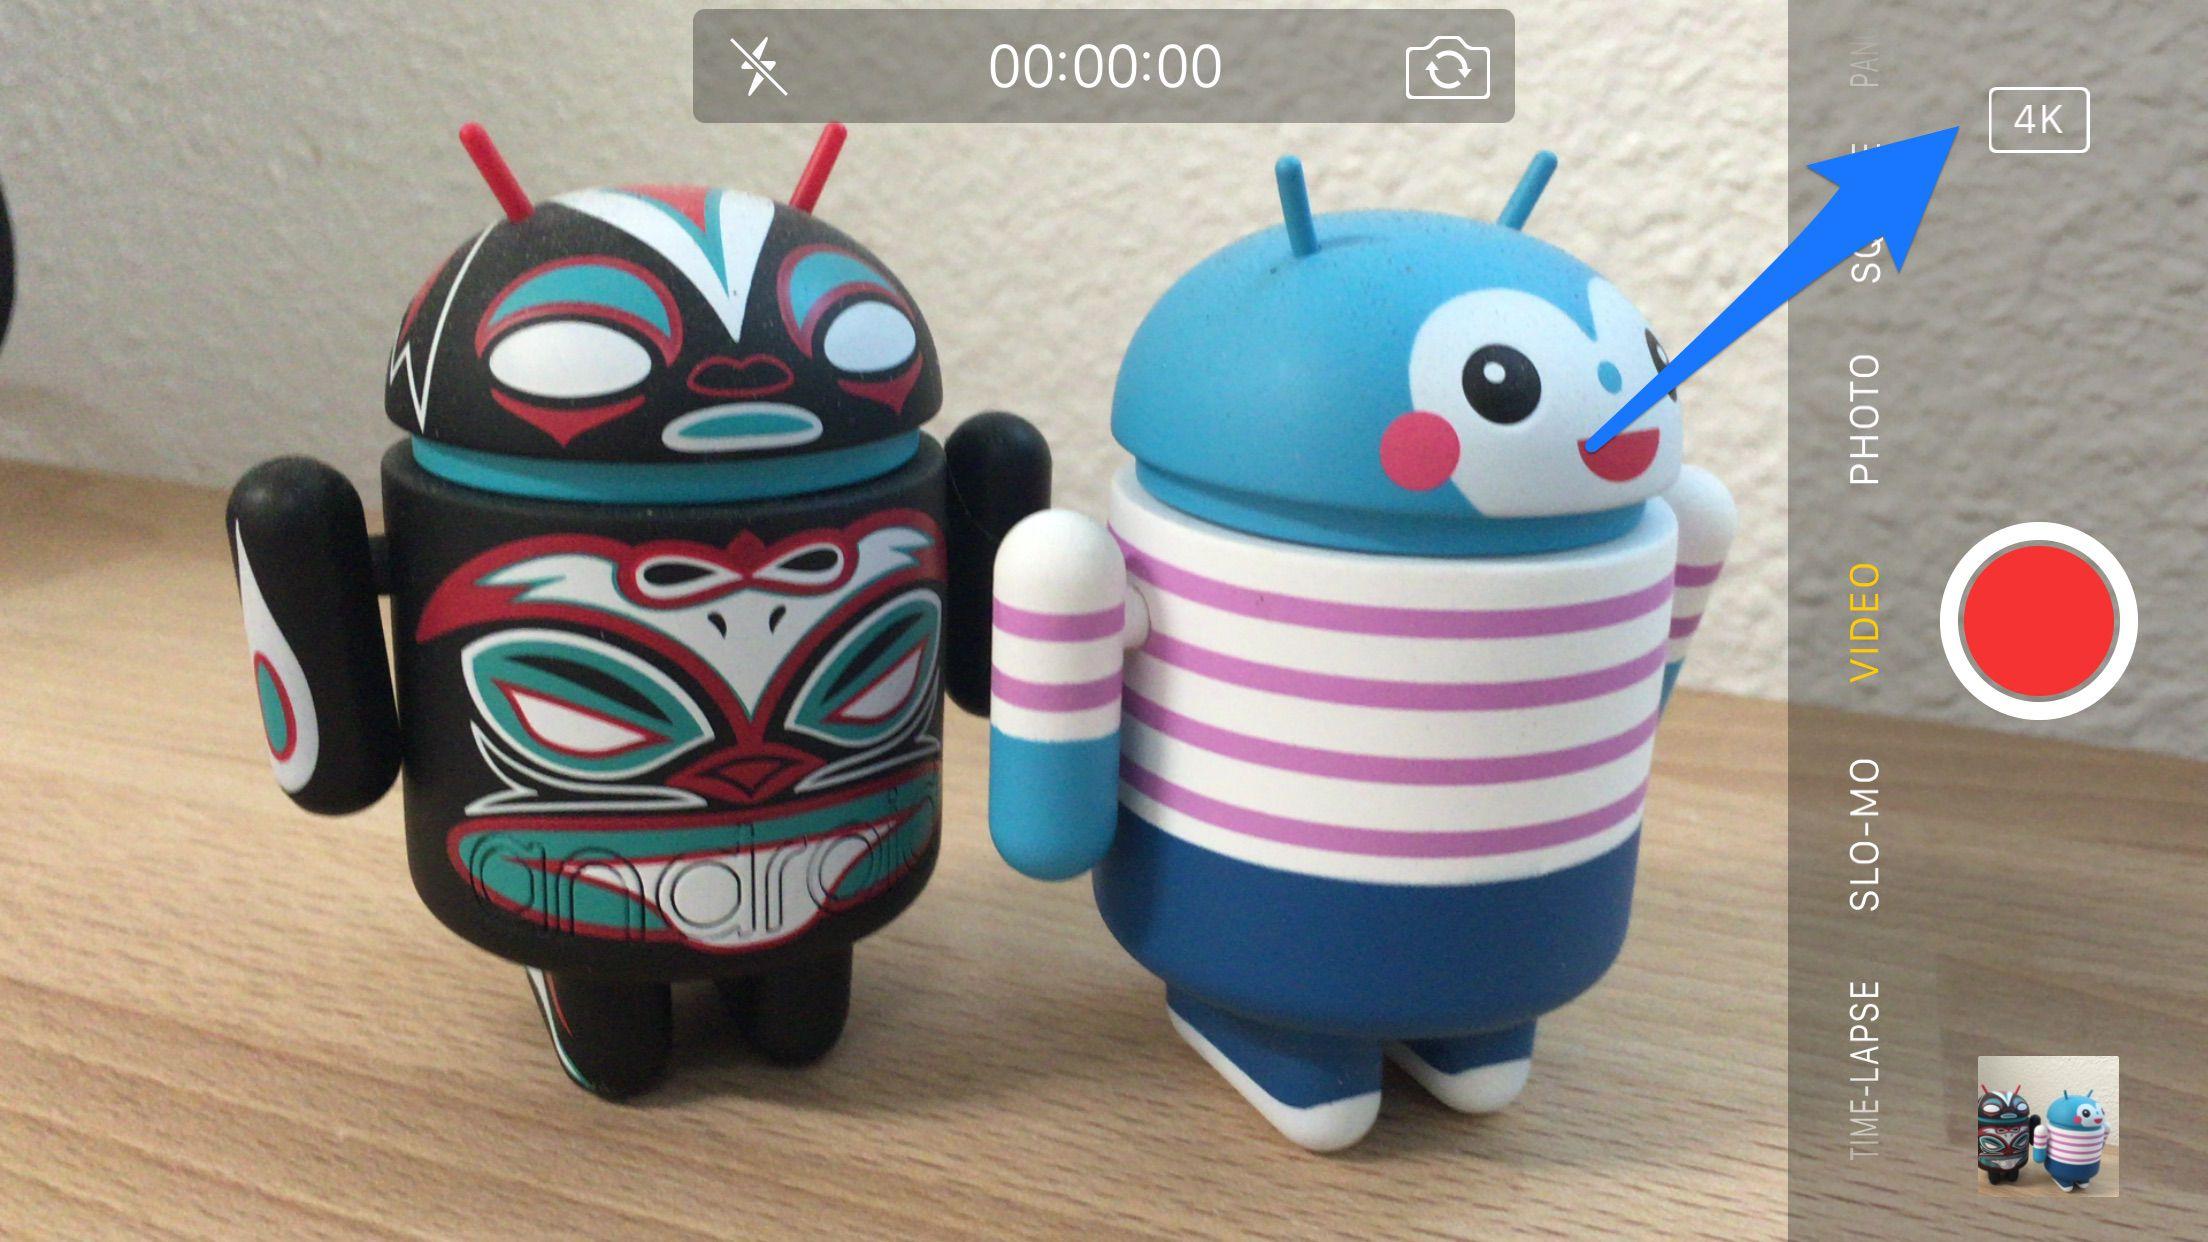 iphone-6s-4k-1.jpg